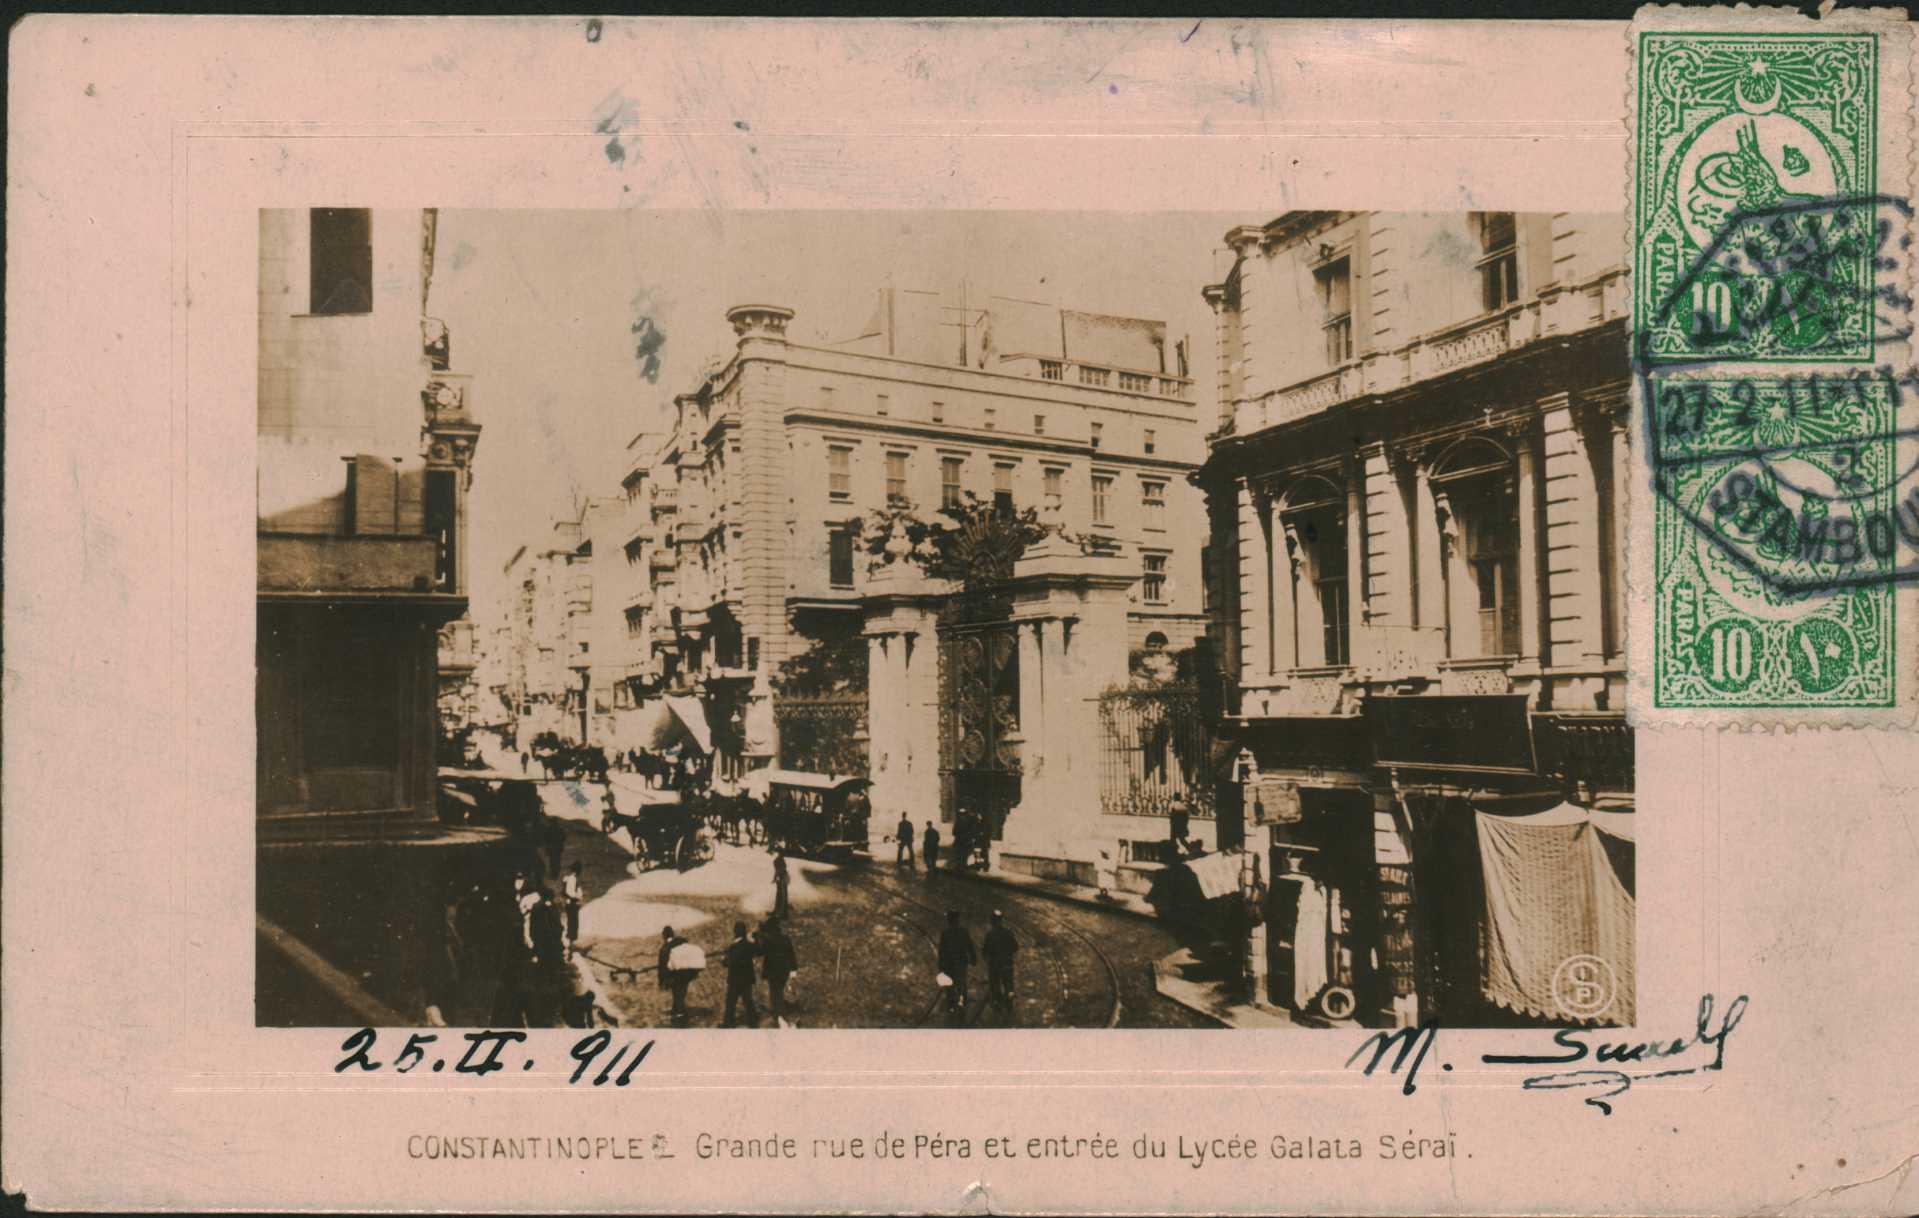 Constantinople-Grande rue de pera et entree du Lycee Galata Serai